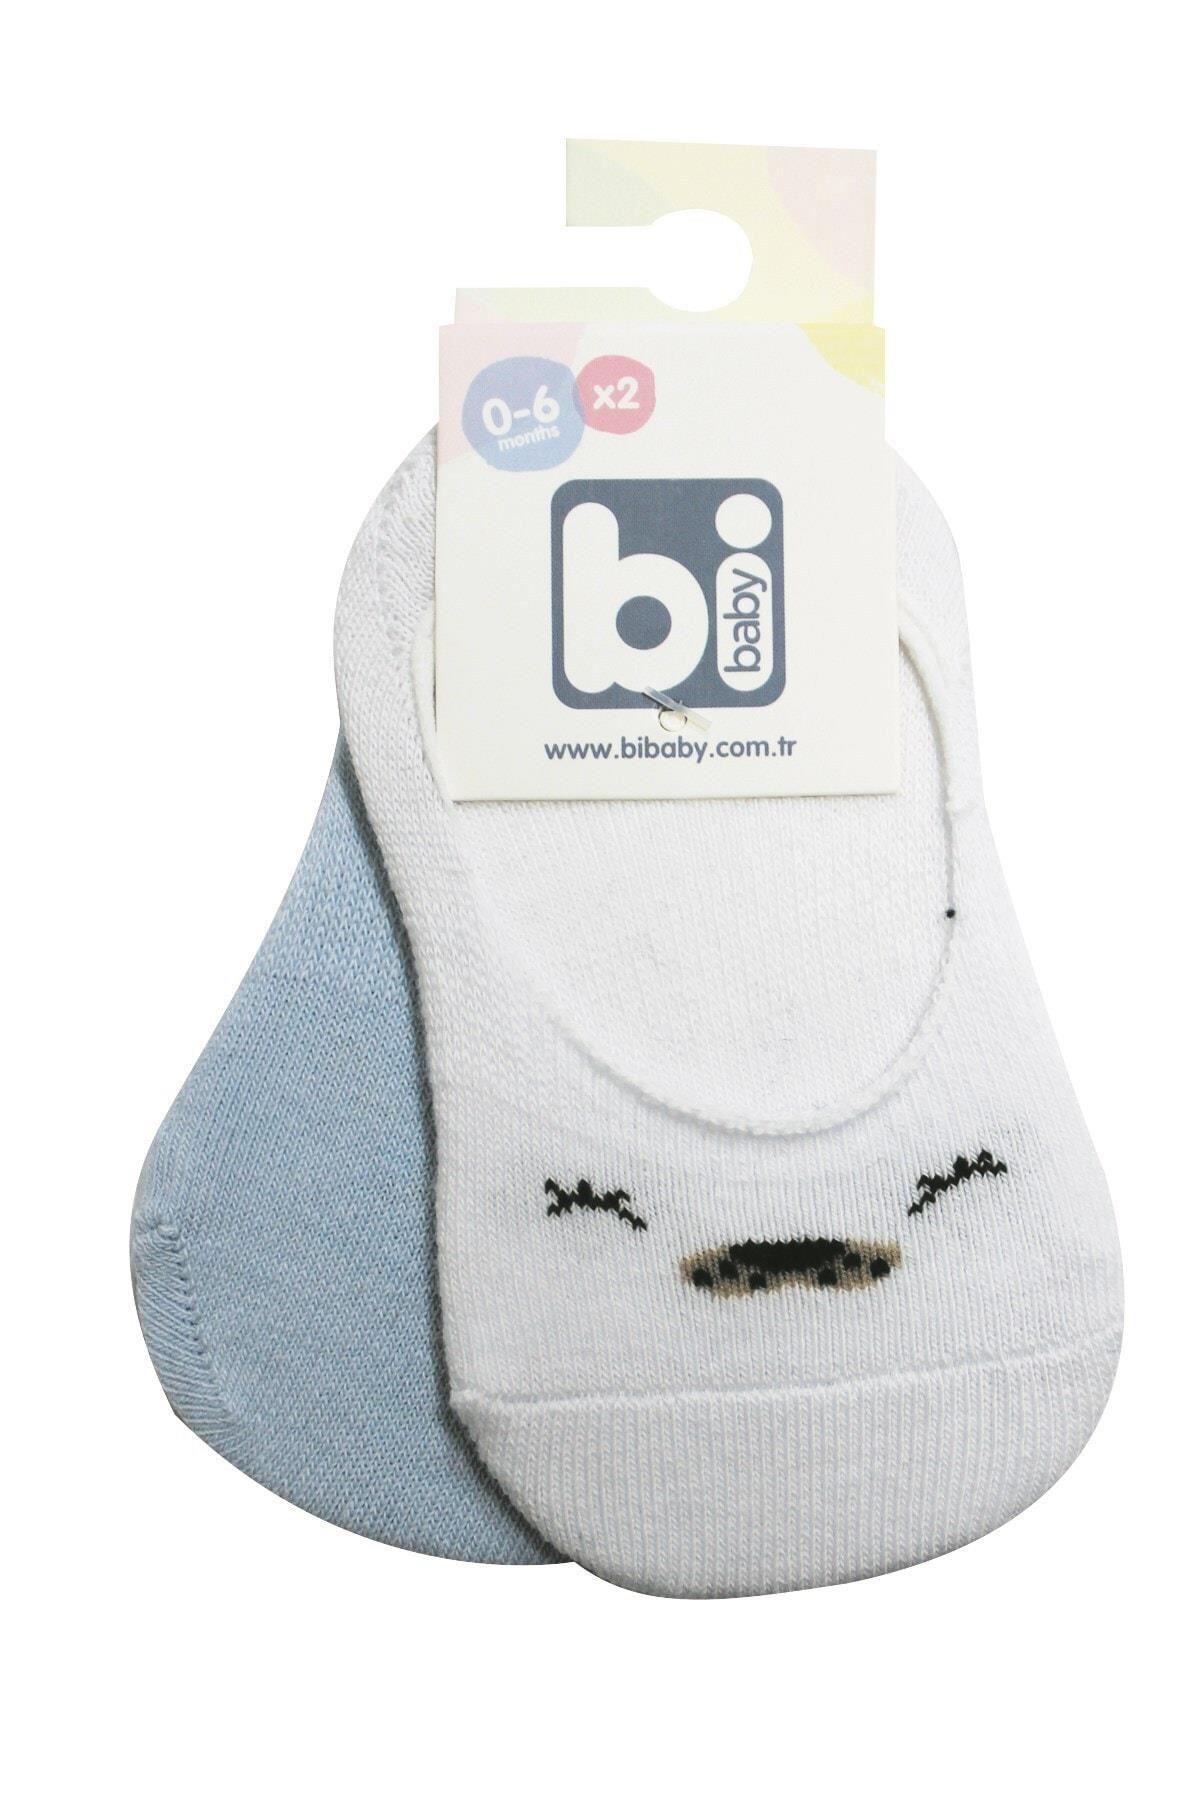 Bibaby Cute Face Erkek Babet Çorap 2Lİ 68353 Mavi-Beyaz